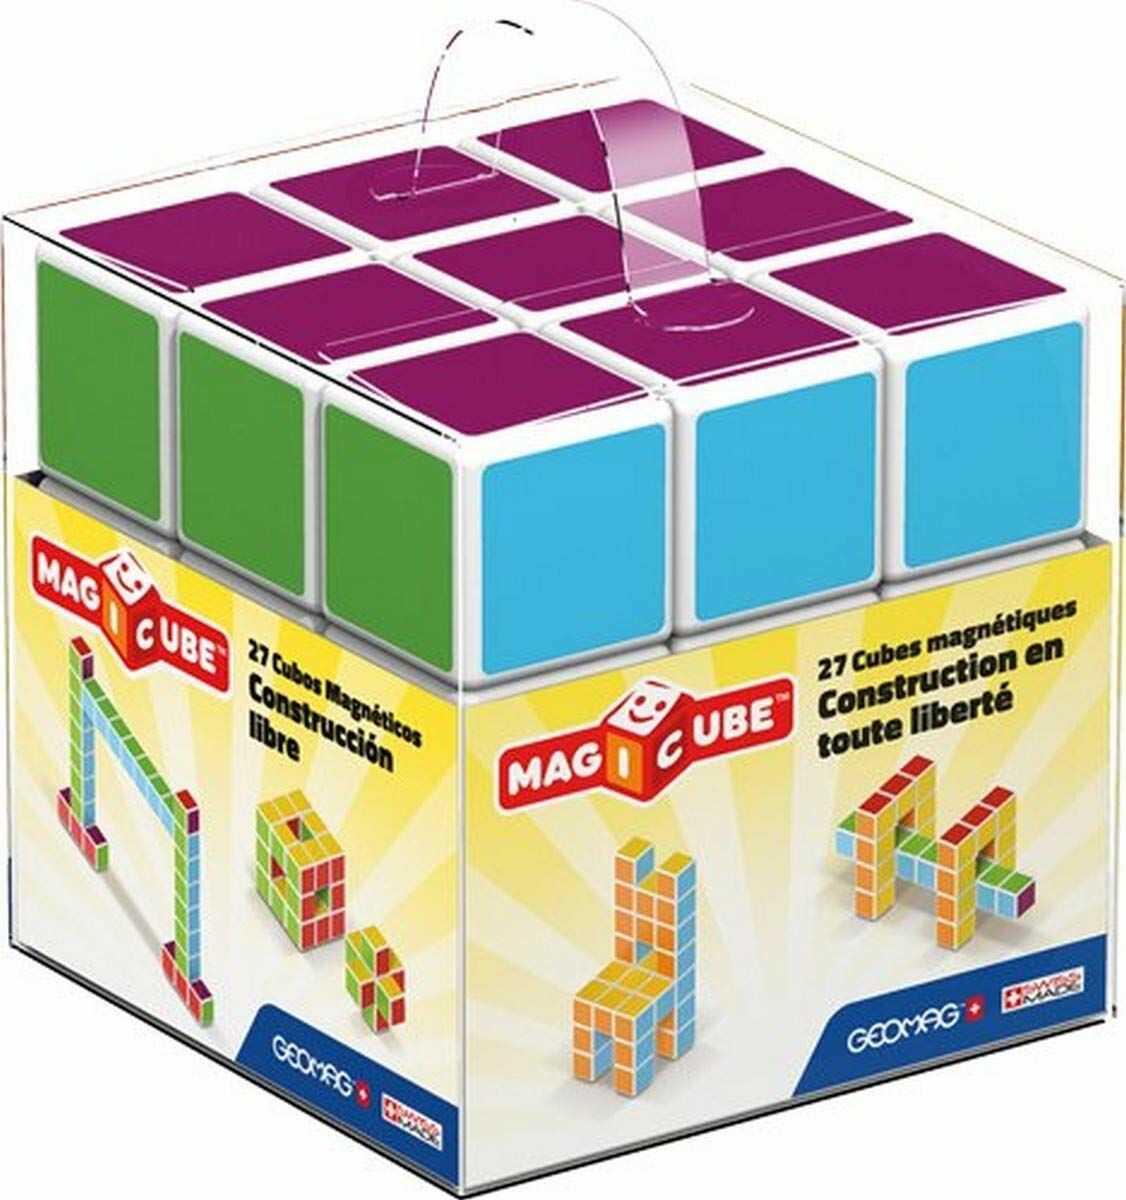 Geomag 128  Magicube Free Building 27 kostki magnetyczne do konstrukcji, zabawki edukacyjne